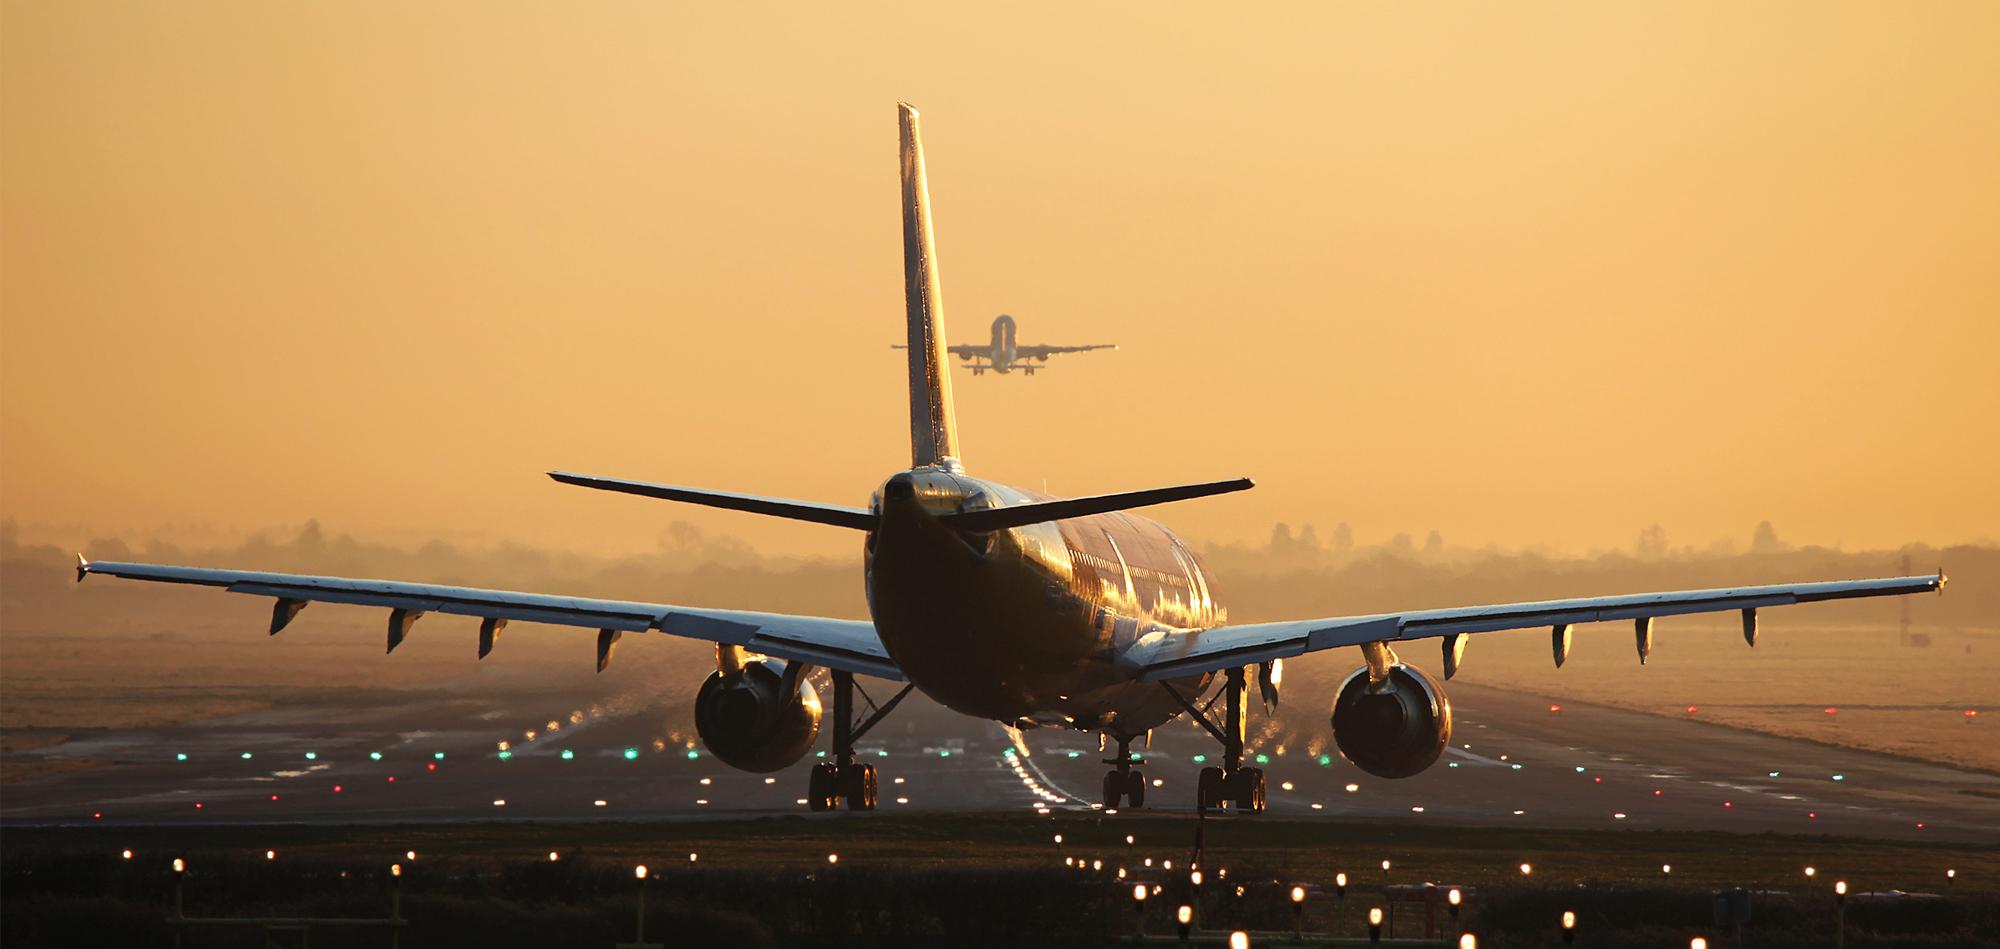 Aeroplane image on run way